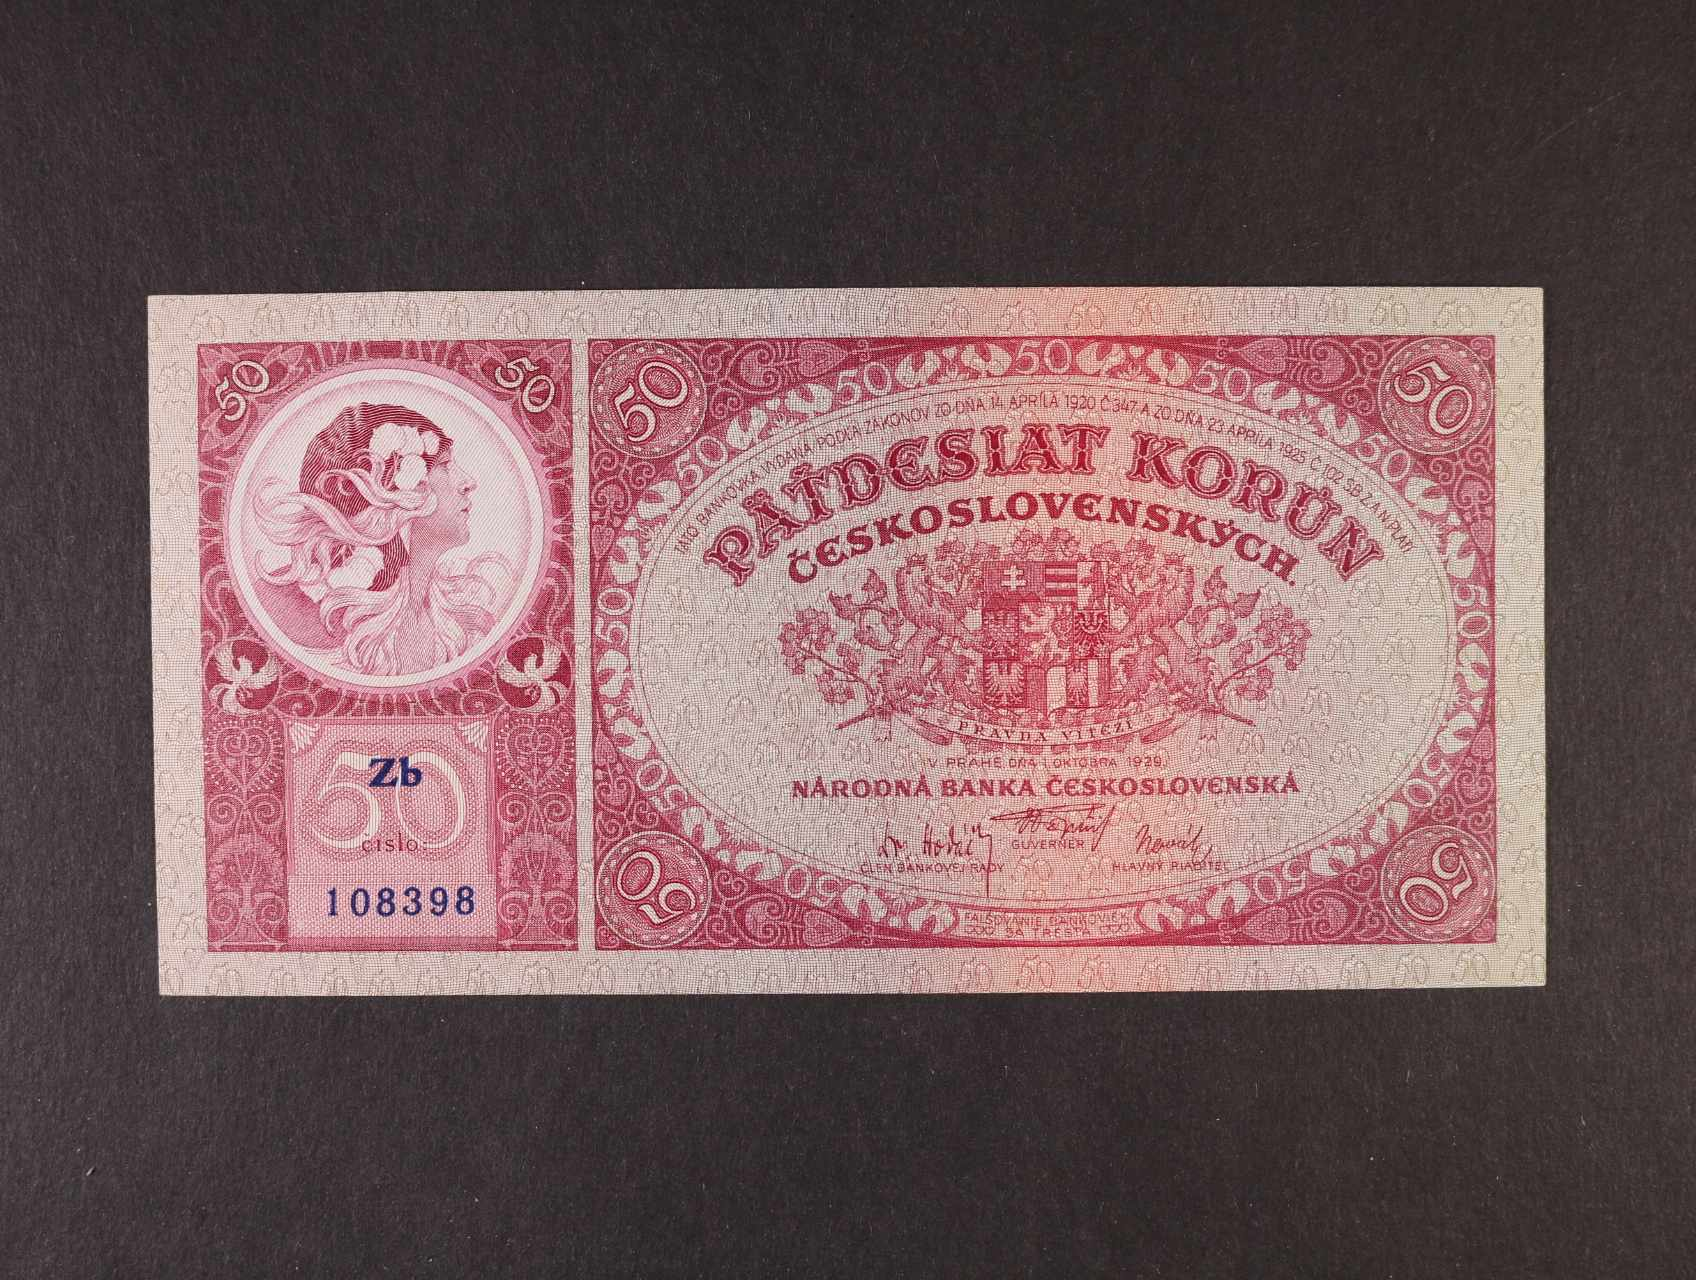 50 Kč 1.10.1929 série Zb, Ba. 24b, Pi. 22a